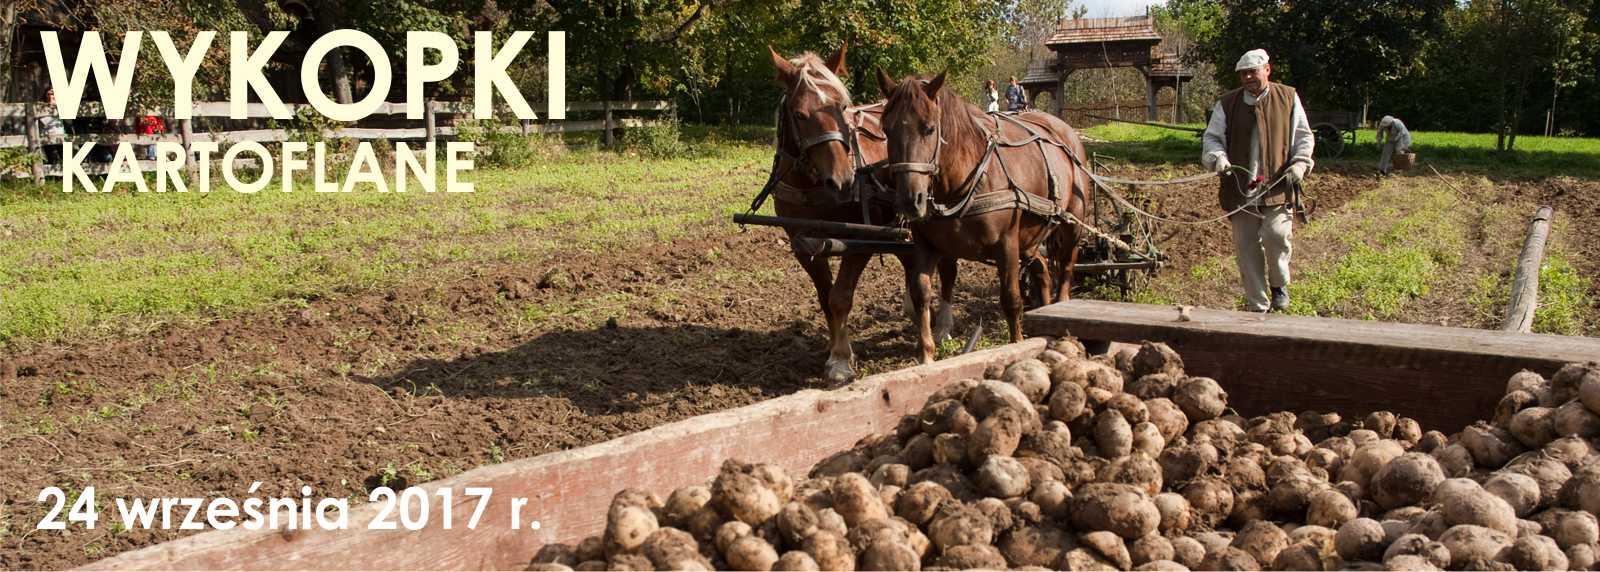 Wykopki kartoflane